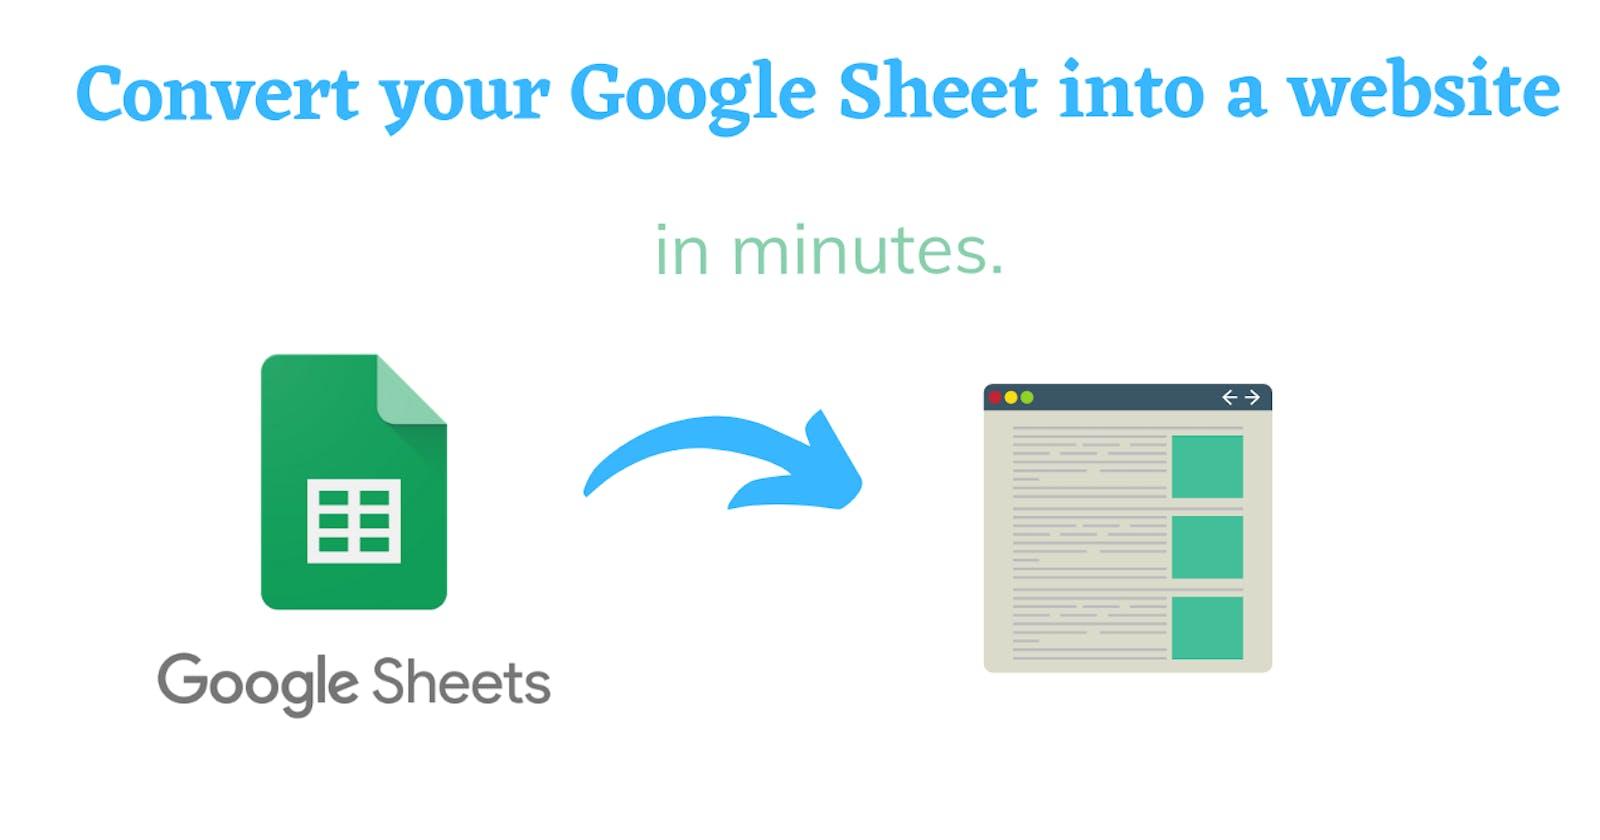 Convert your Google Sheet into a website